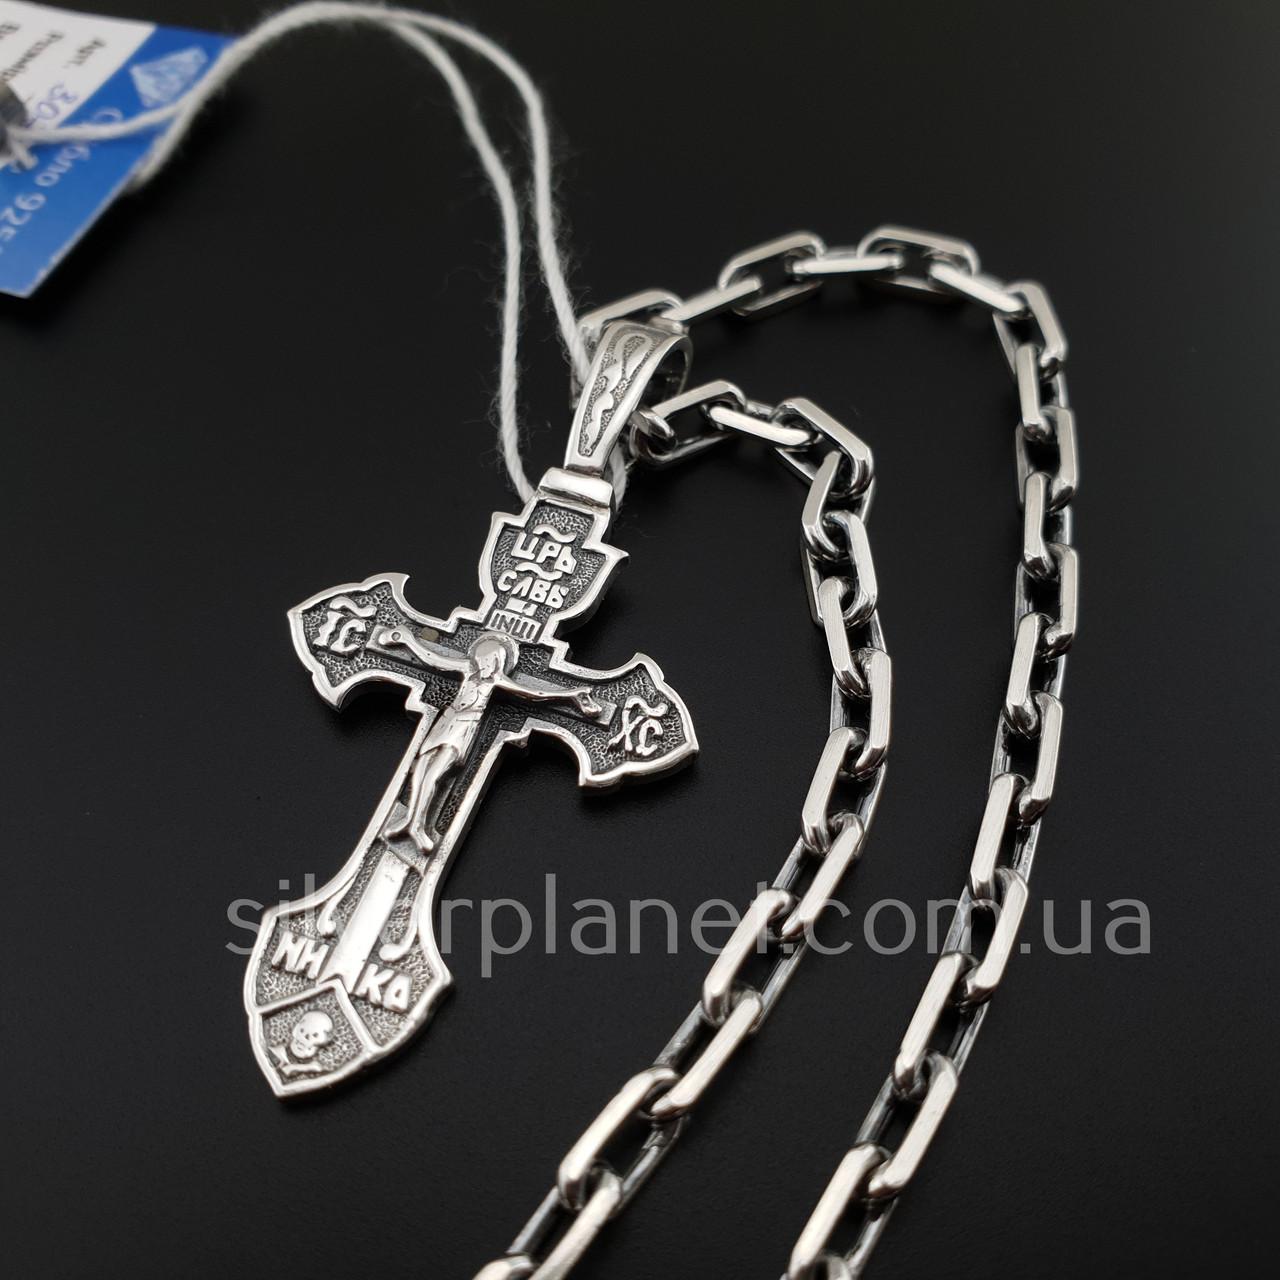 Комплект!!! Срібний ланцюжок з хрестиком. Чоловіча якірна ланцюг і хрестик з жорстким вушком.